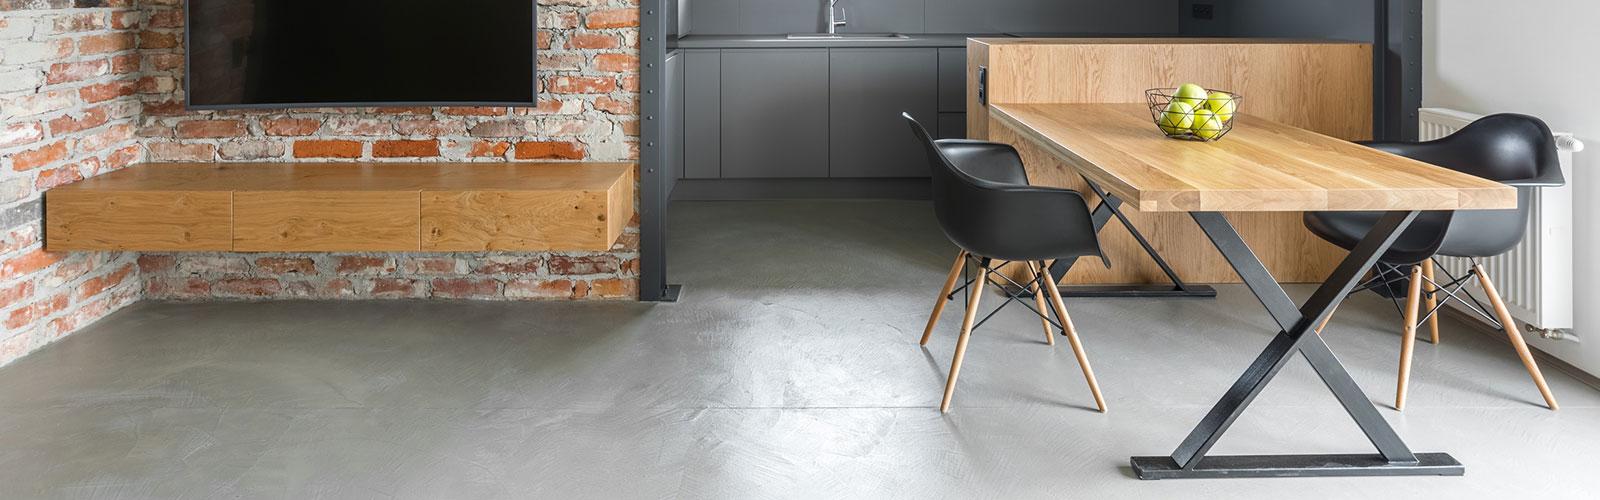 polierter betonboden selber machen fugenlos und betonmbel. Black Bedroom Furniture Sets. Home Design Ideas